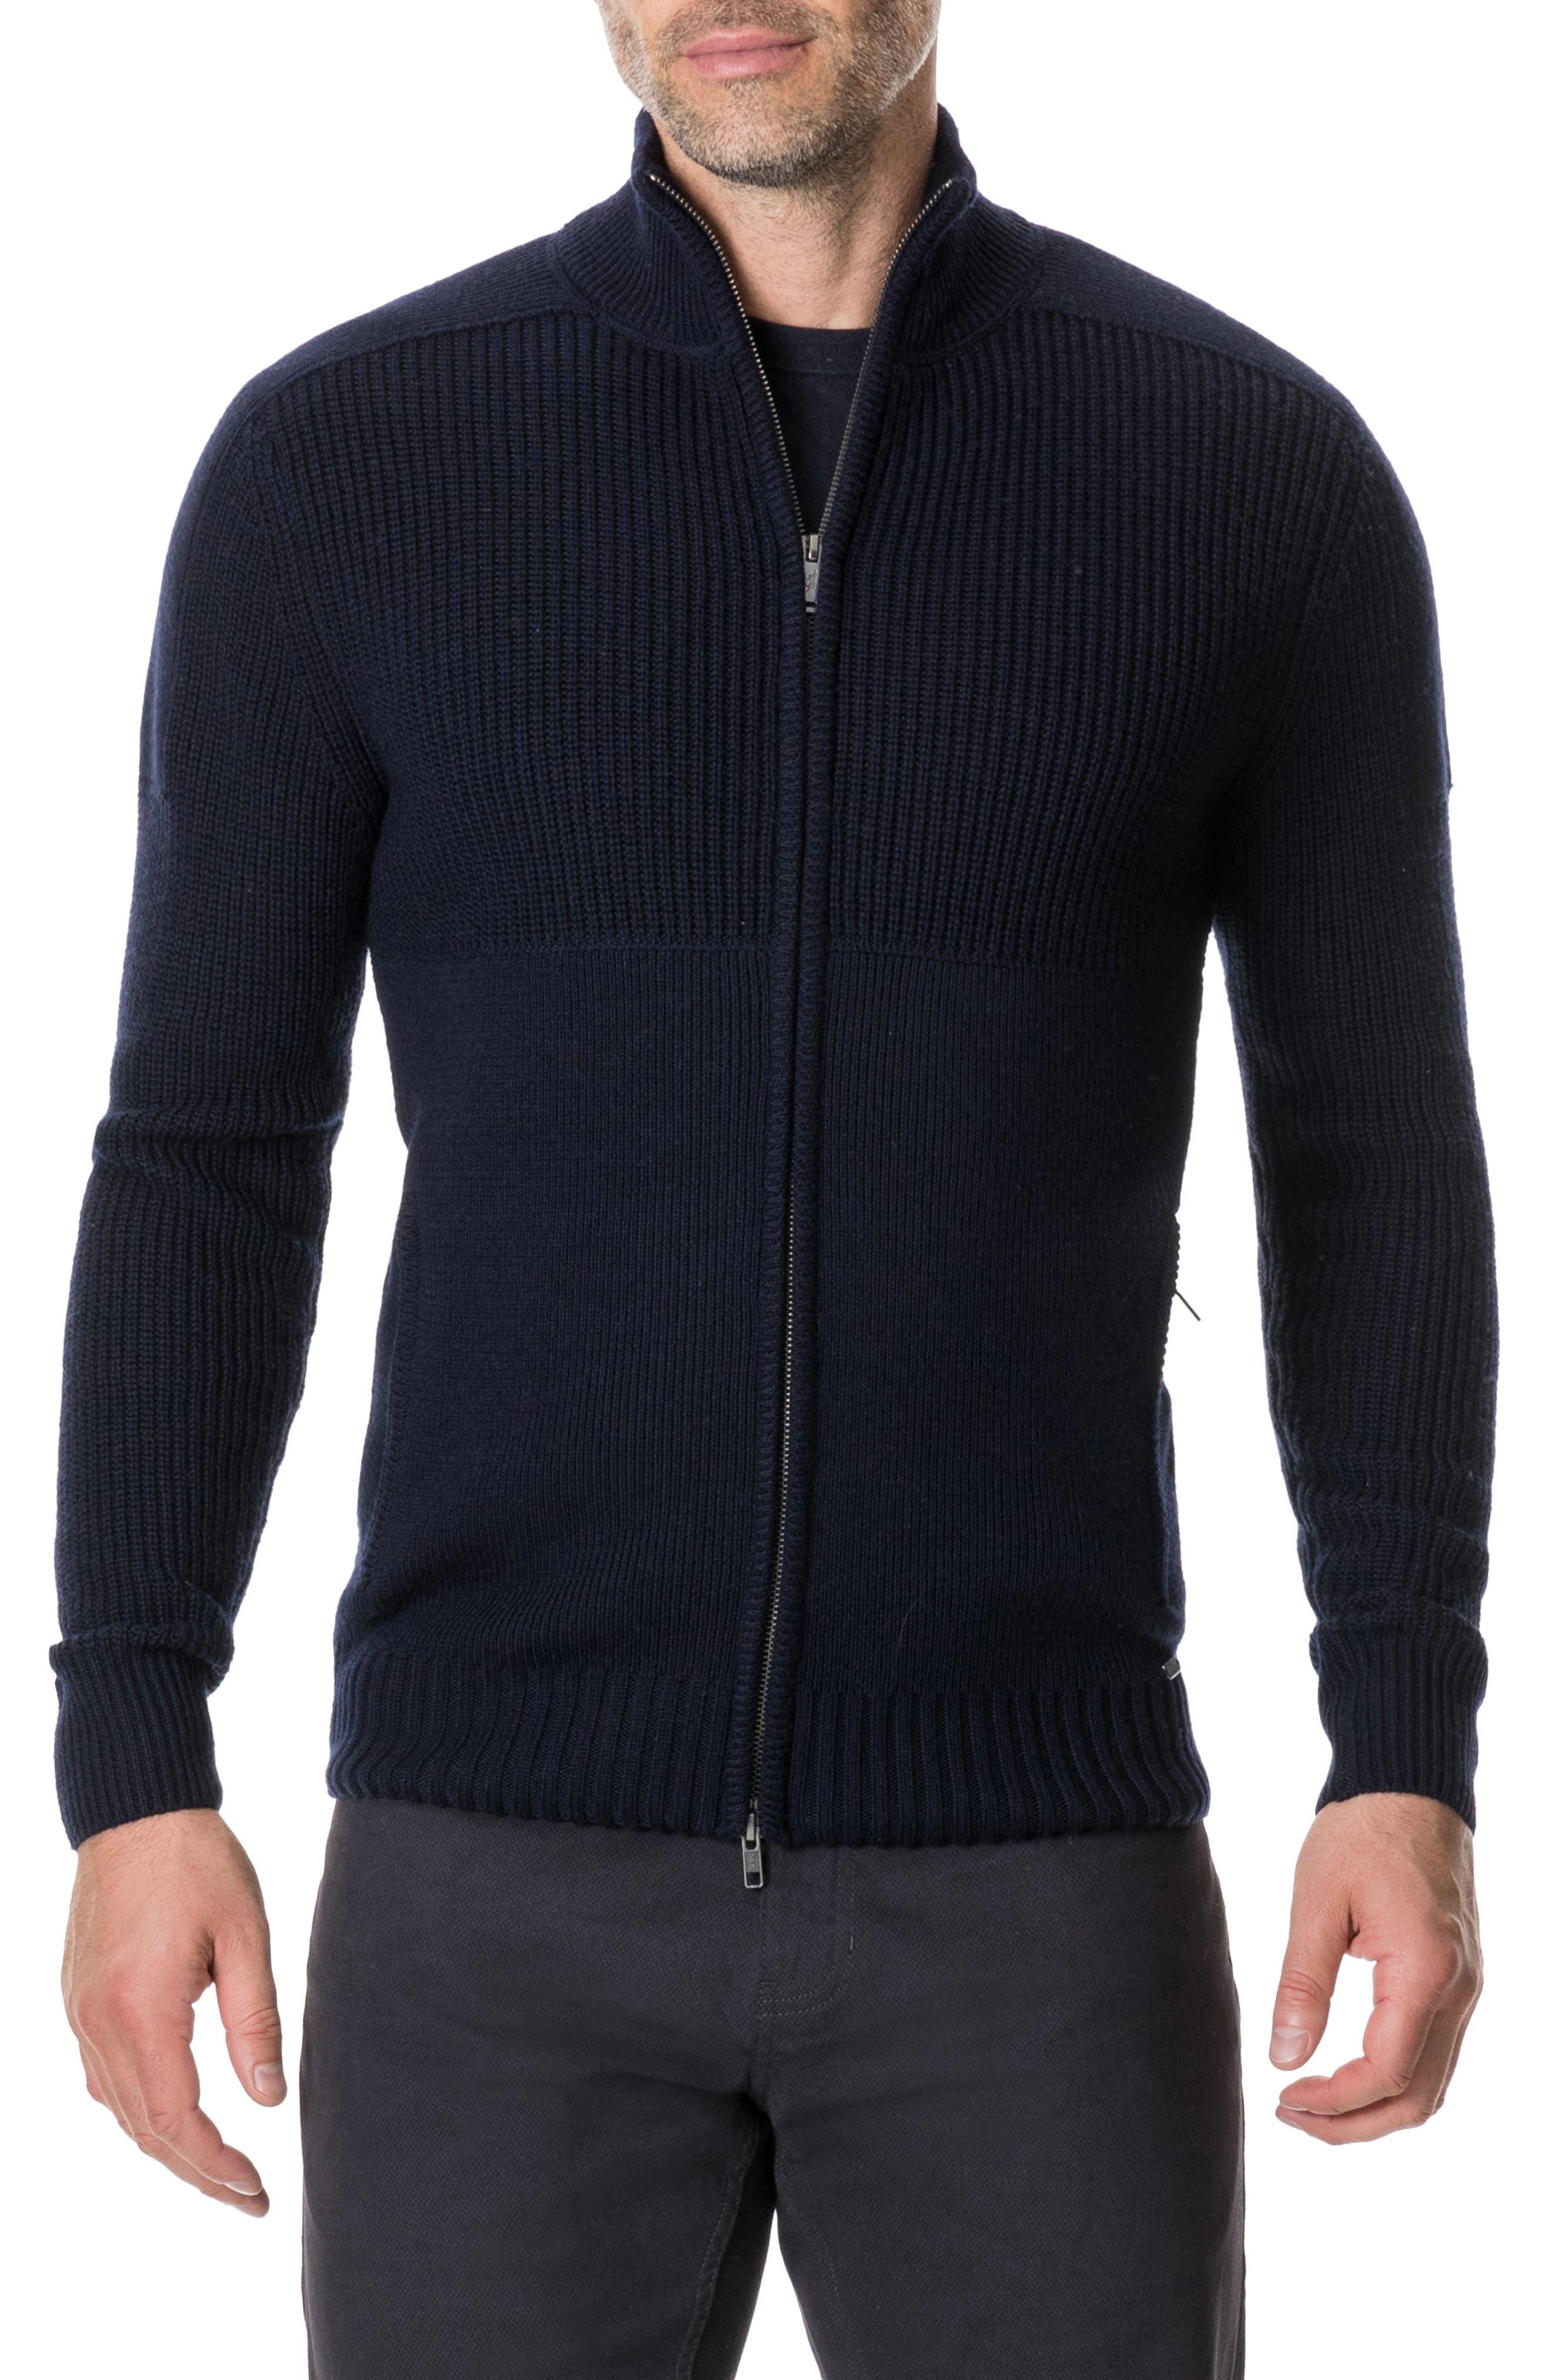 Kina Beach Merino Wool Zip Sweater,                         Main,                         color, 400